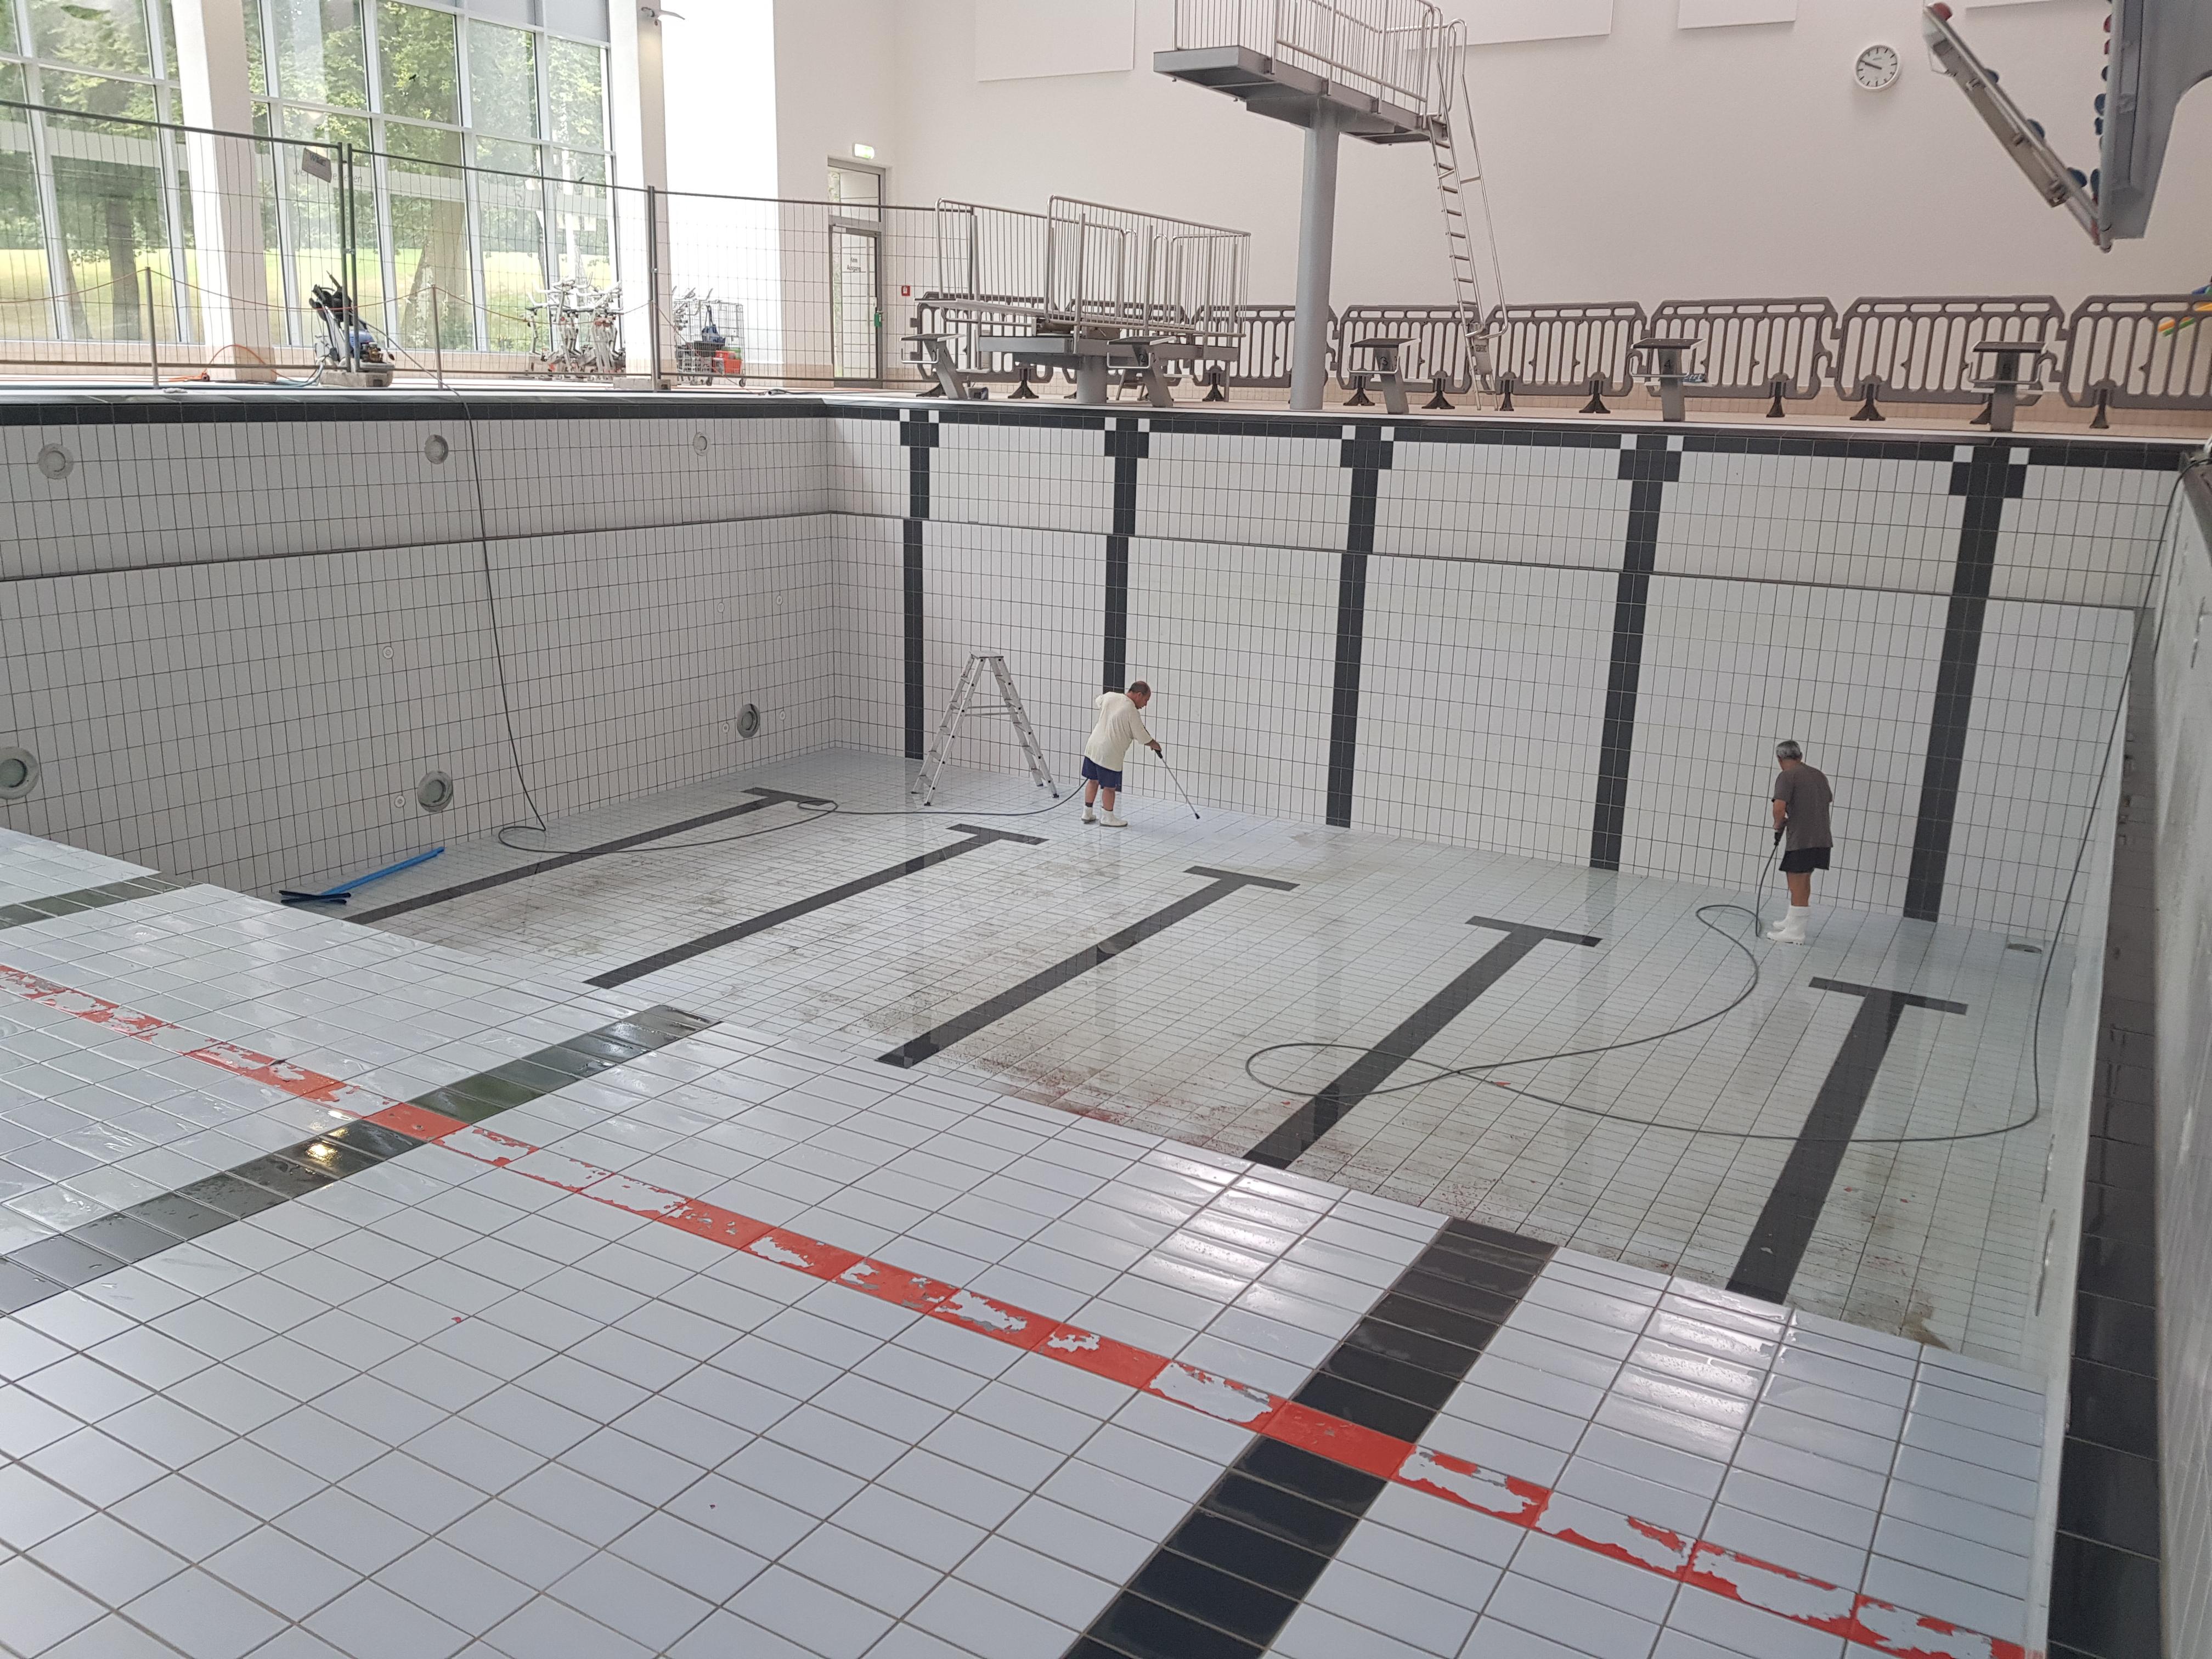 Willkommen im waldschwimmbad neu isenburg for Schwimmbad neu isenburg